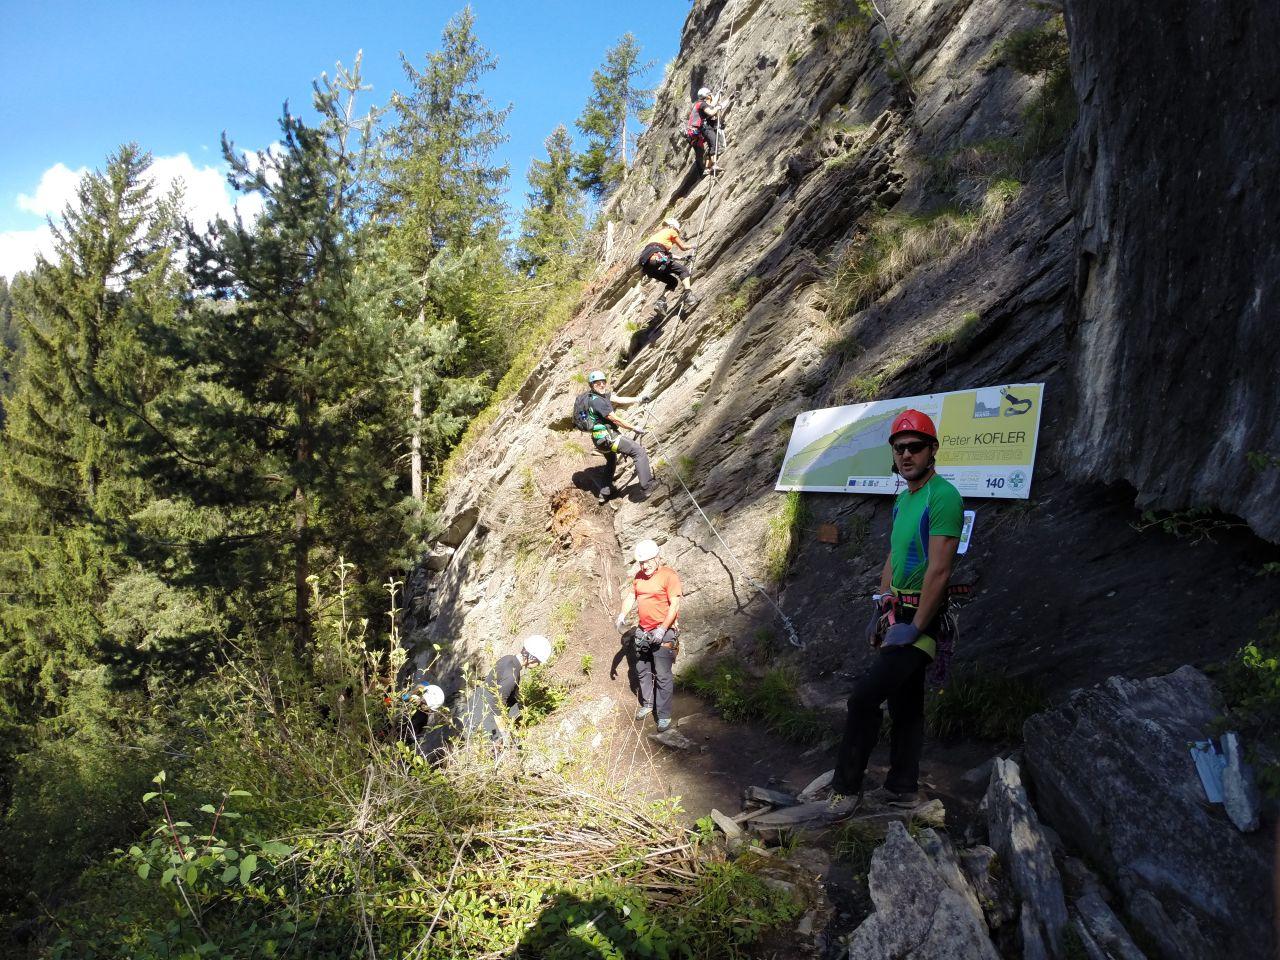 St Jodok Klettersteig : Klettersteig st jodok  alpenverein